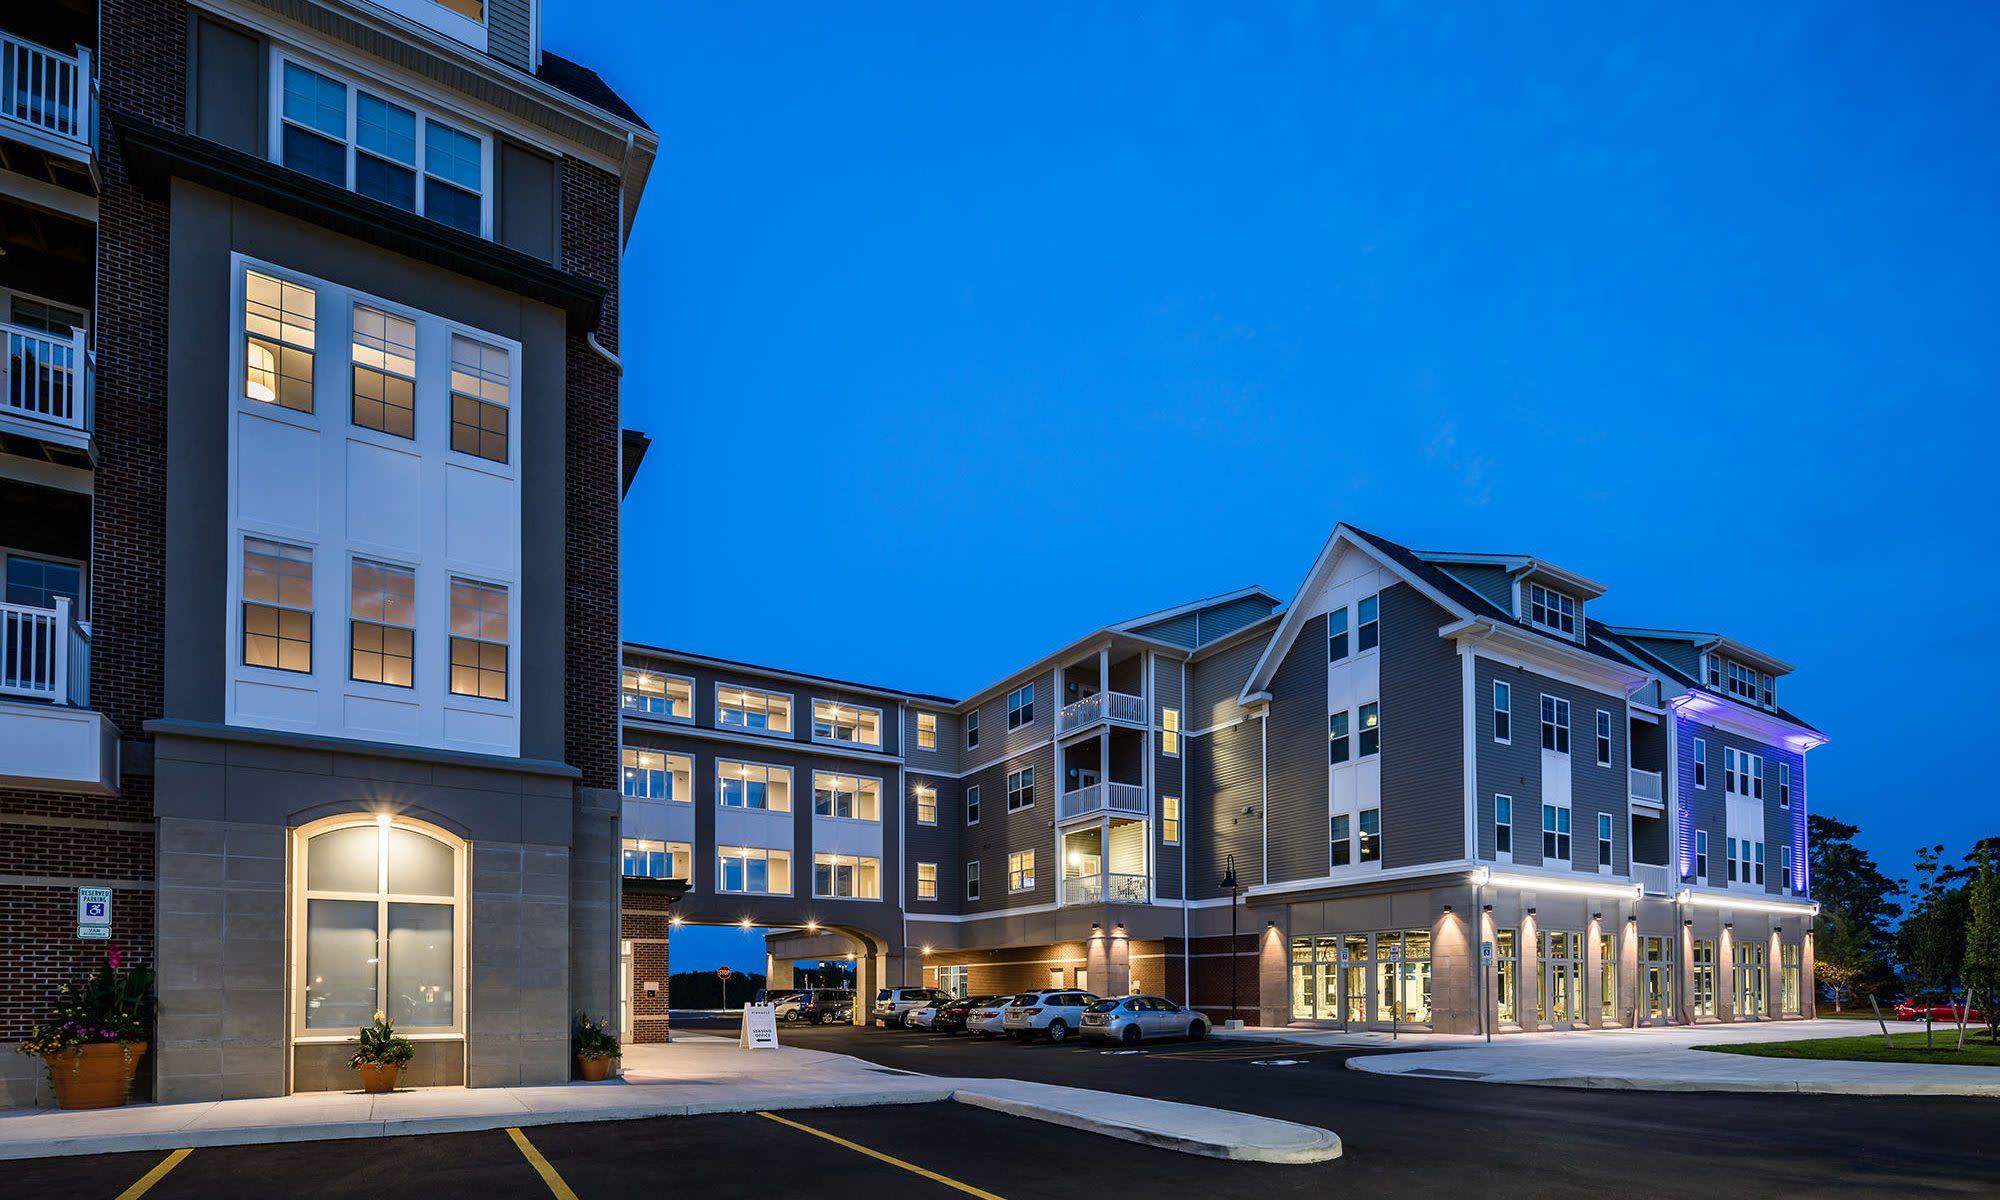 Apartments in Canandaigua, NY